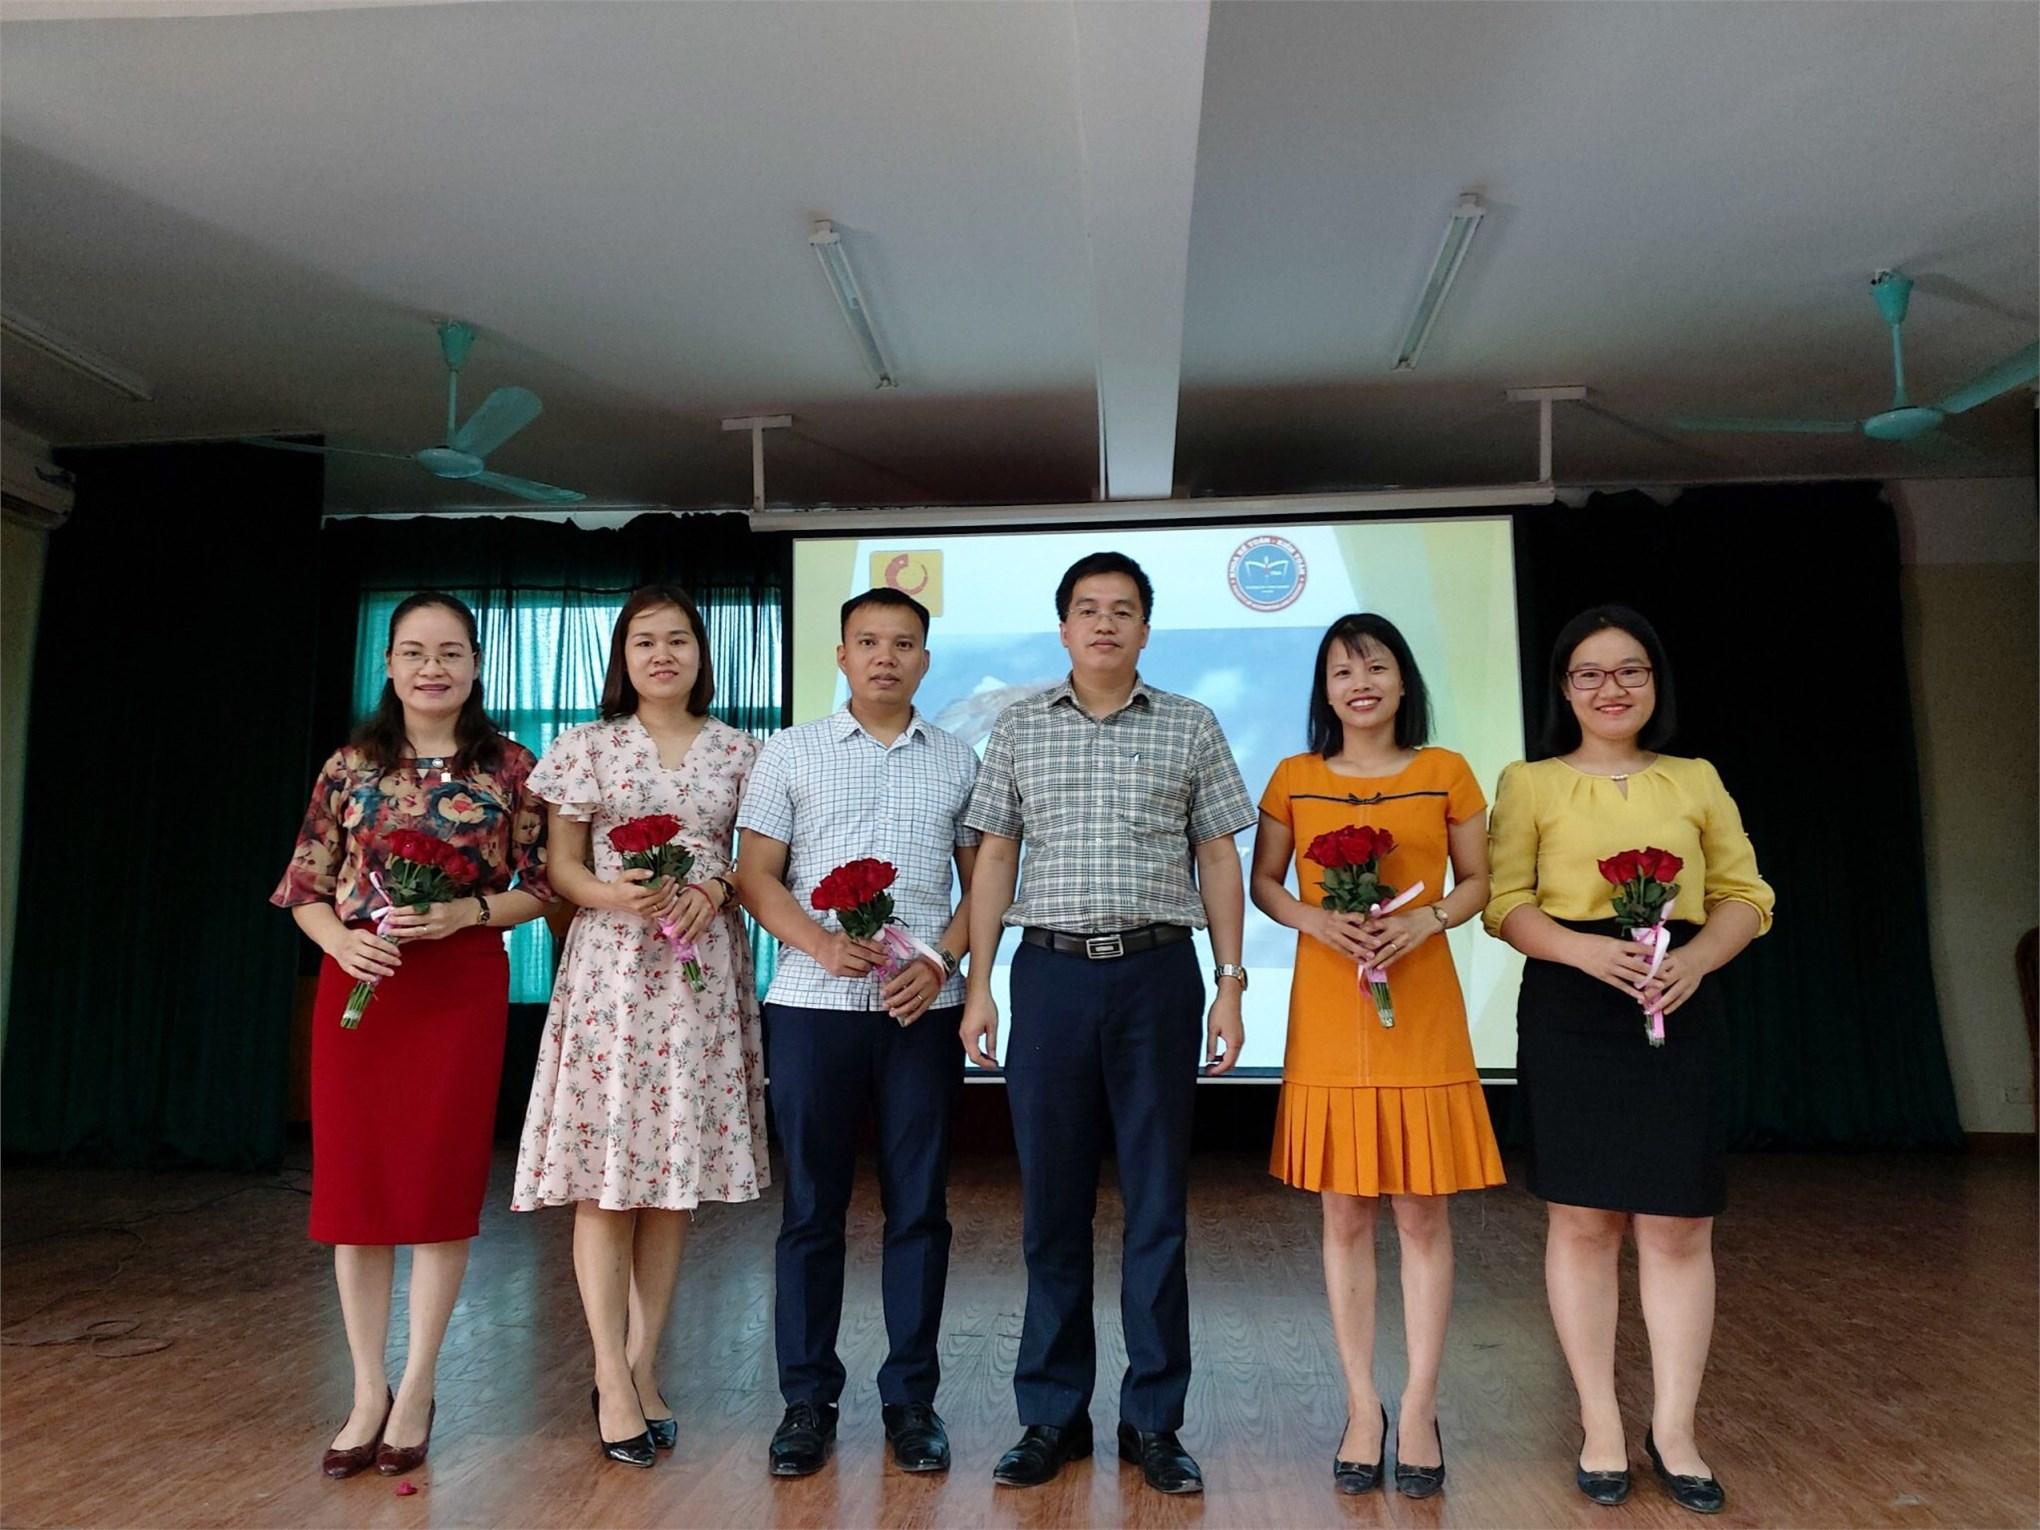 Tổng kết hoạt động nghiên cứu khoa học sinh viên năm học 2018-2019 và triển khai hoạt động nghiên cứu khoa học sinh viên năm học 2019-2020